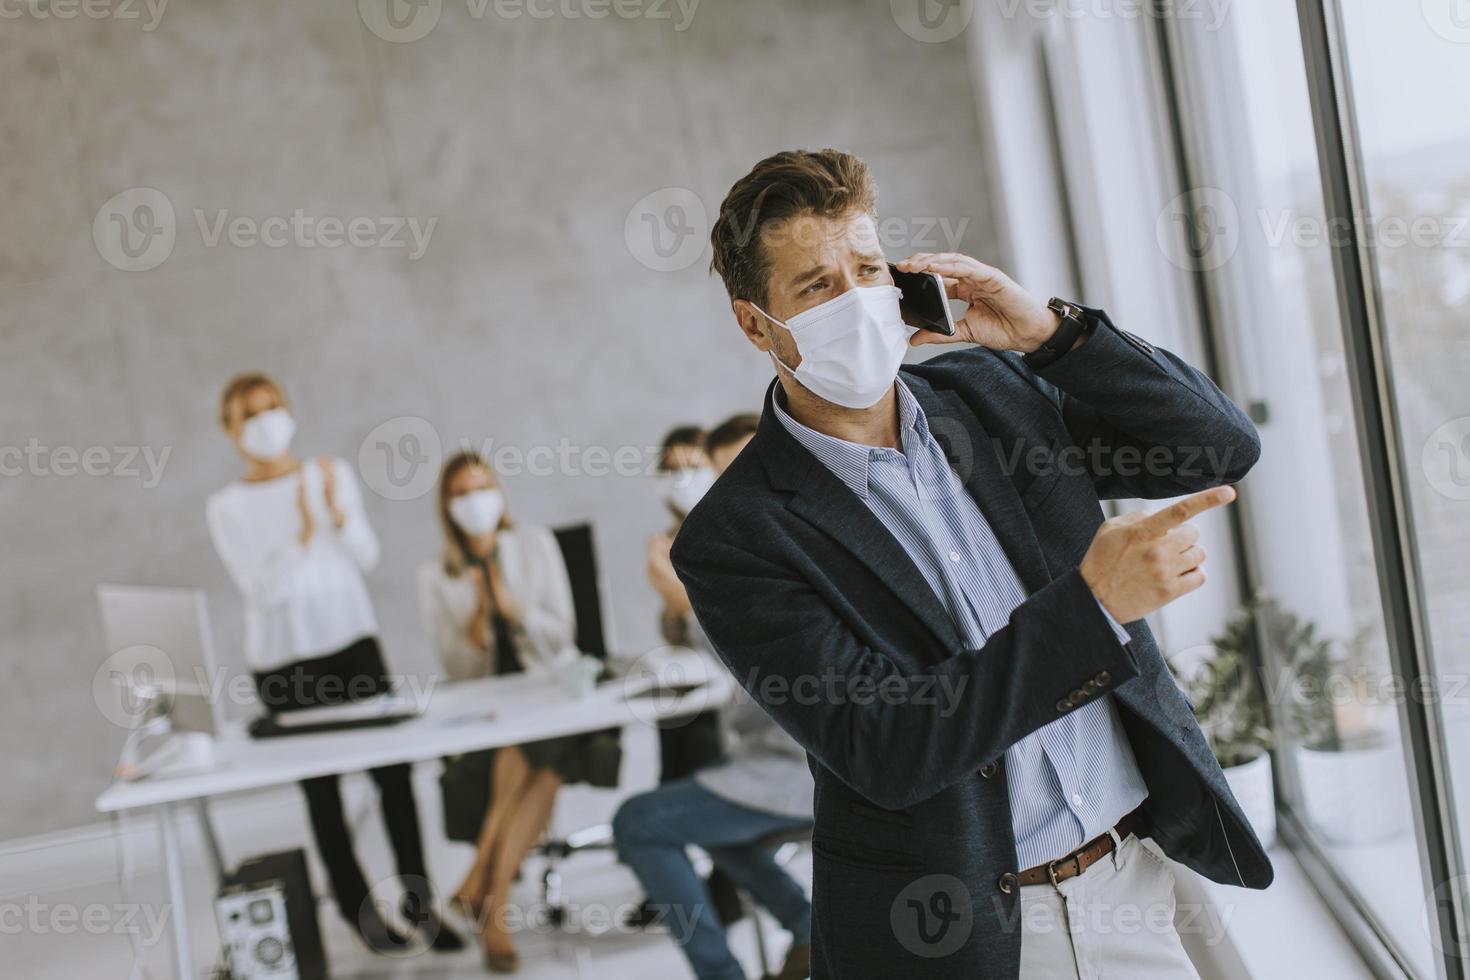 homme masqué au téléphone photo